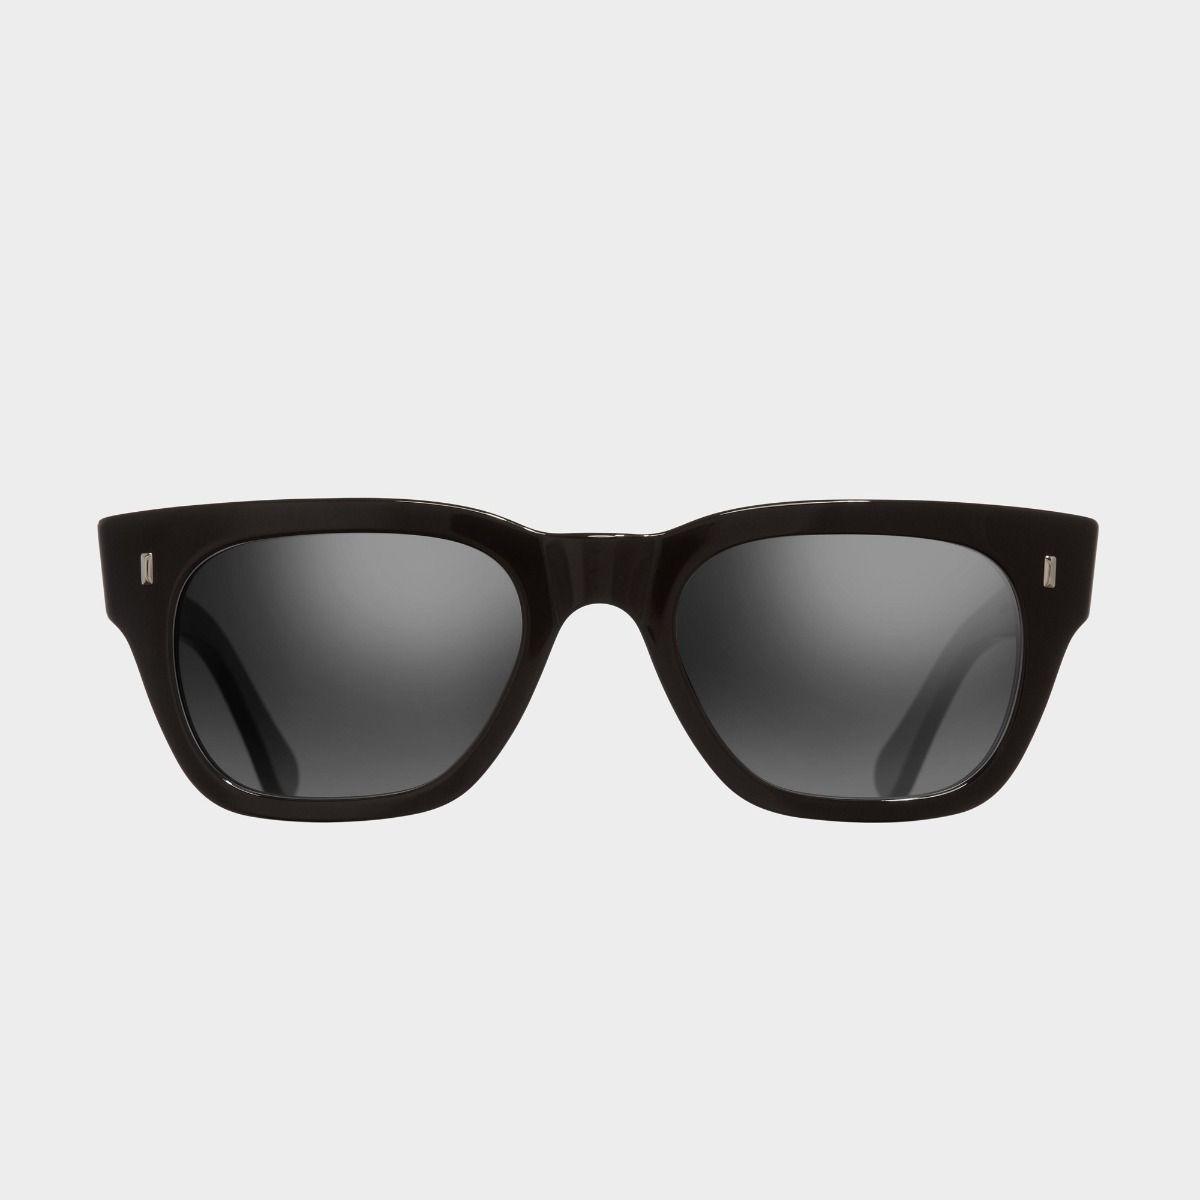 0772V2 Square Sunglasses-Black